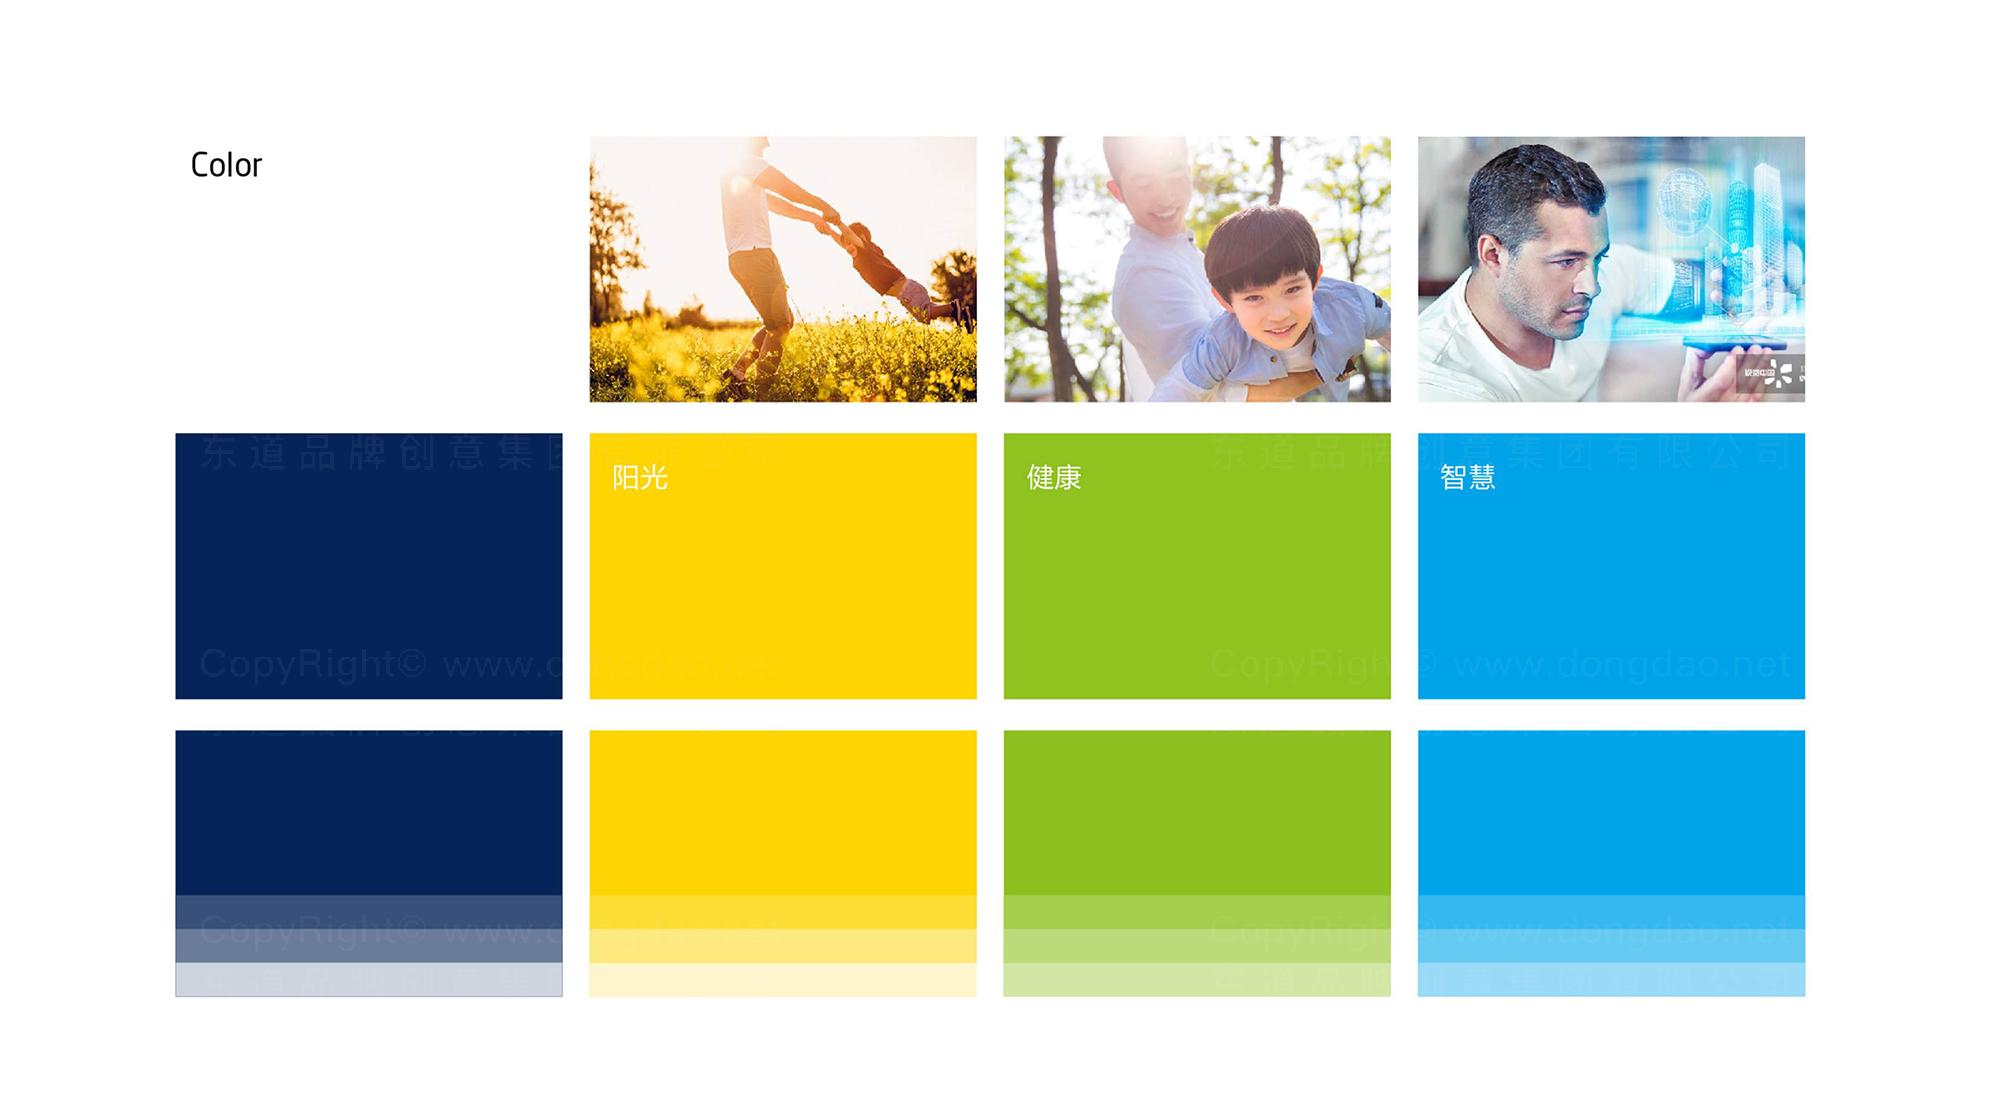 品牌设计众华实业标志设计应用场景